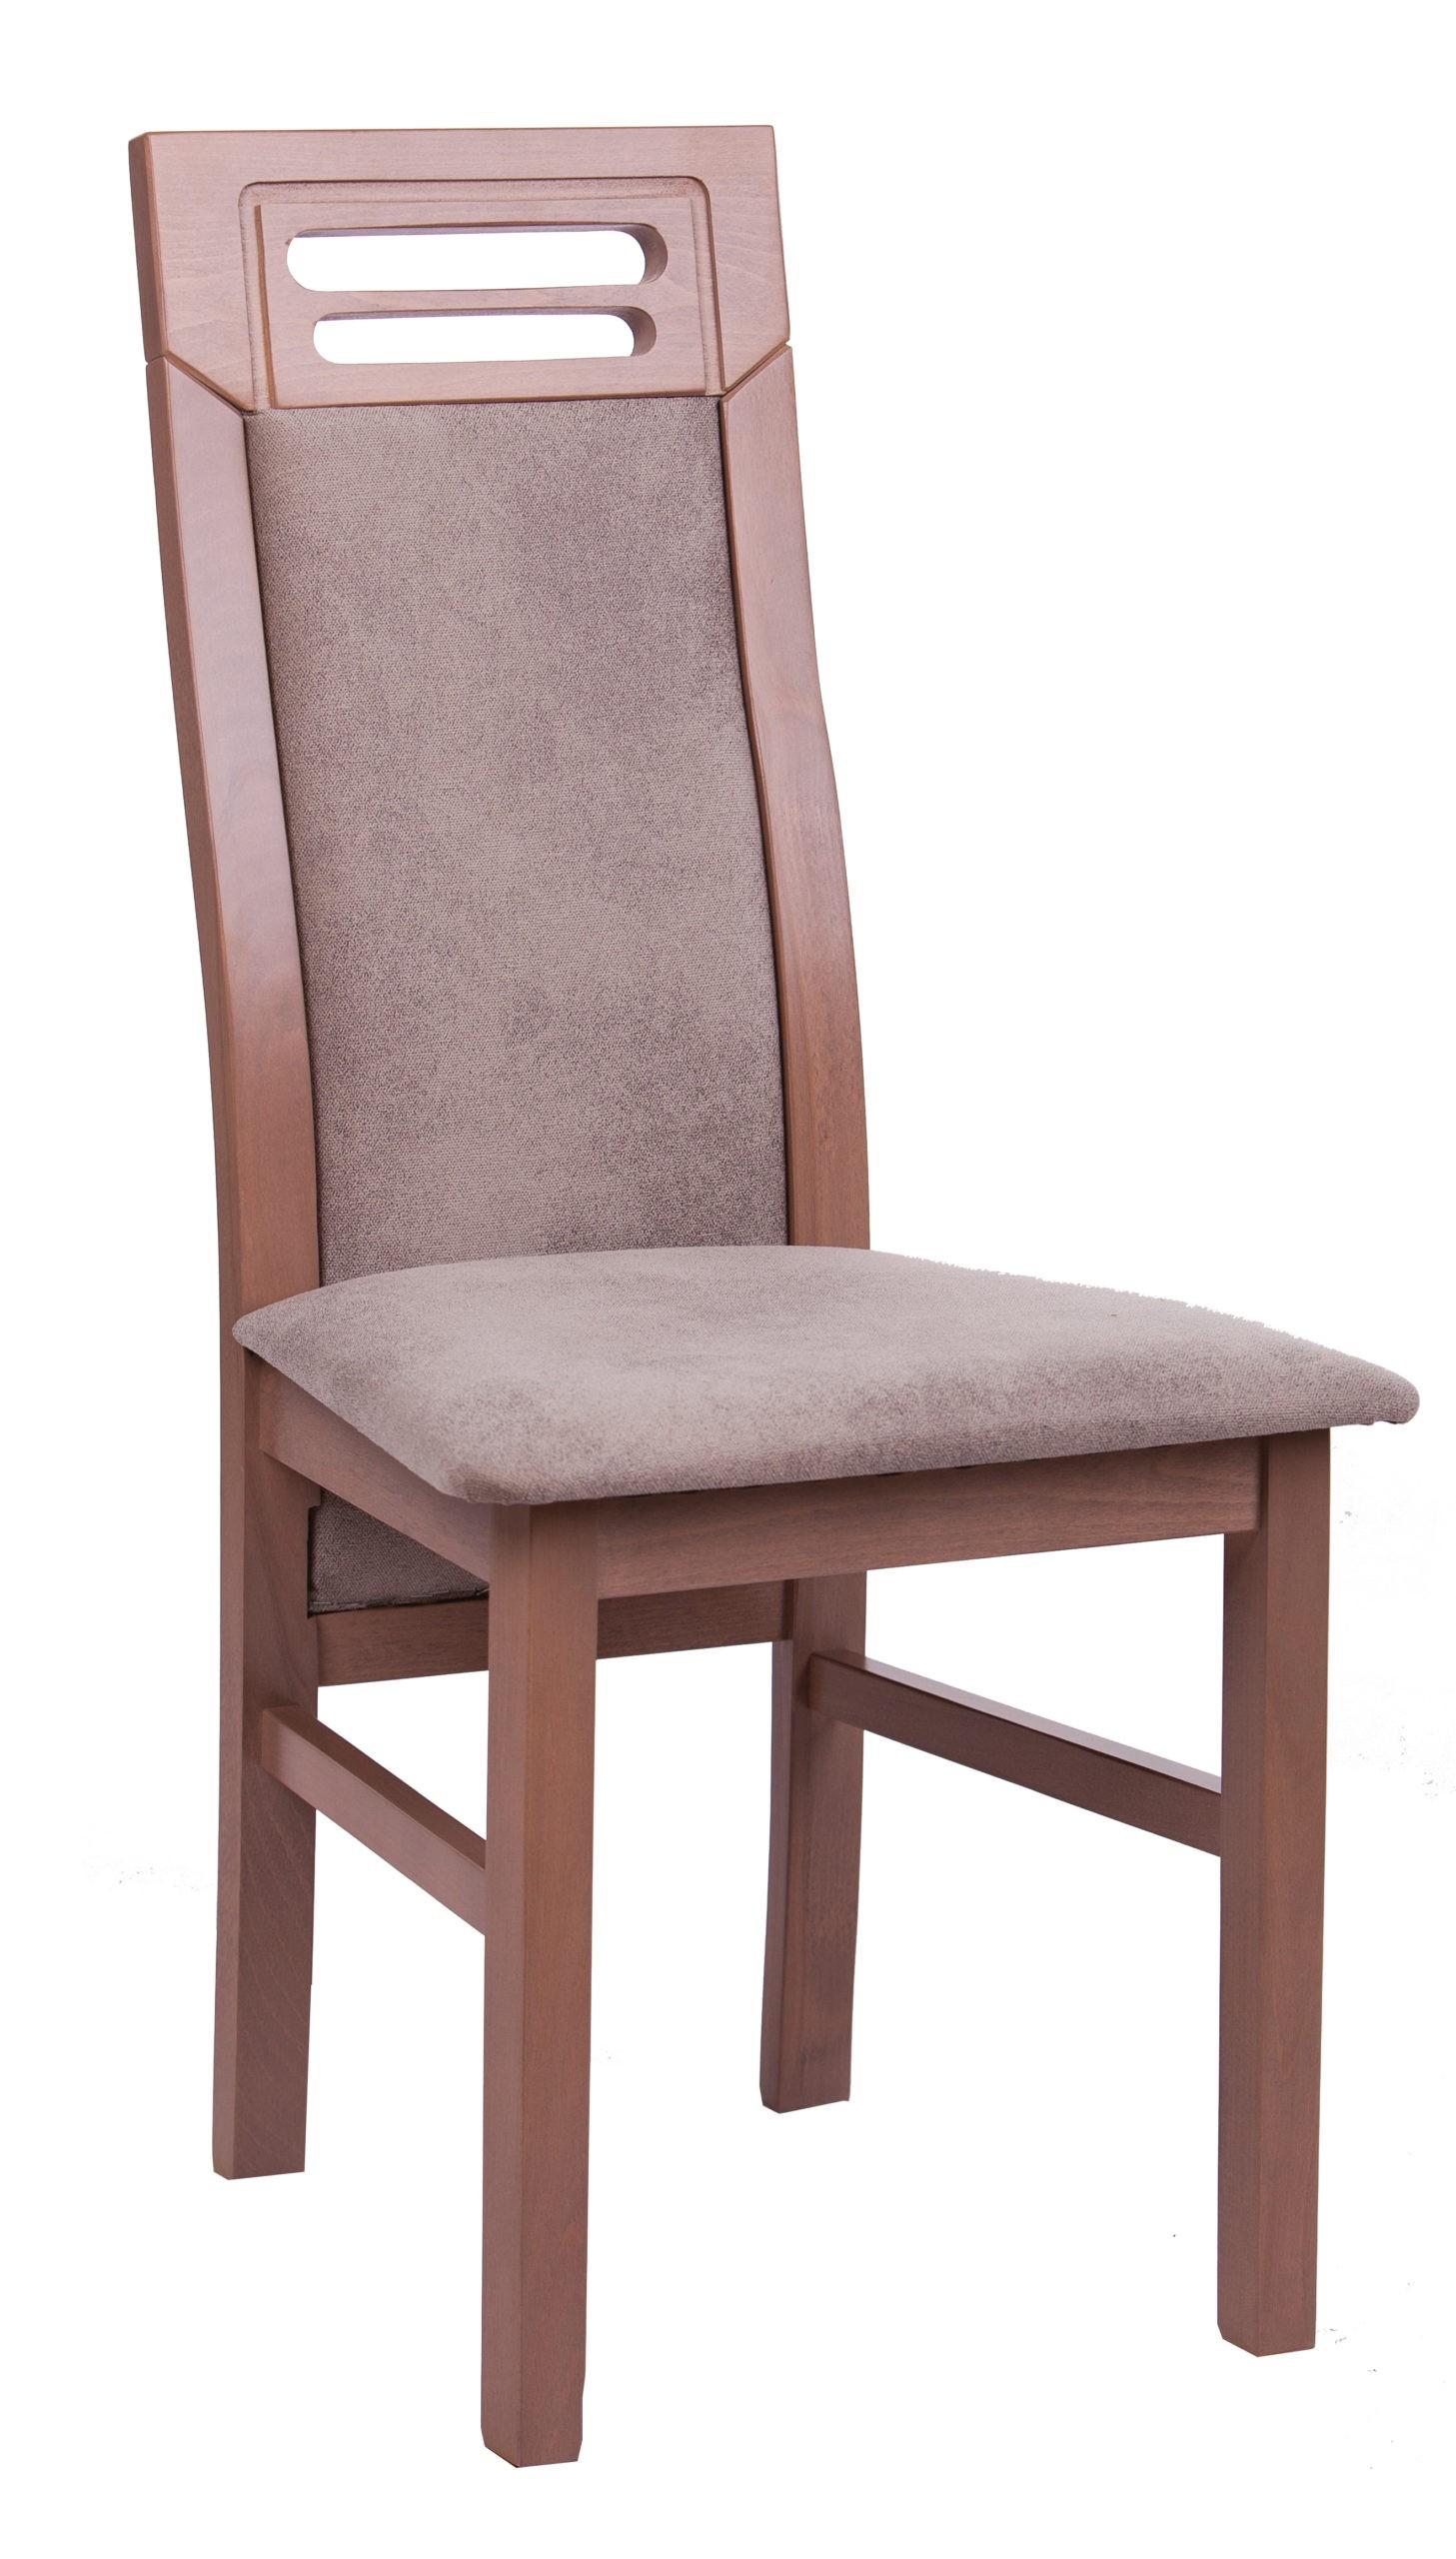 Krzesło lite drewno MR 45 szare długie szerokie oparcie